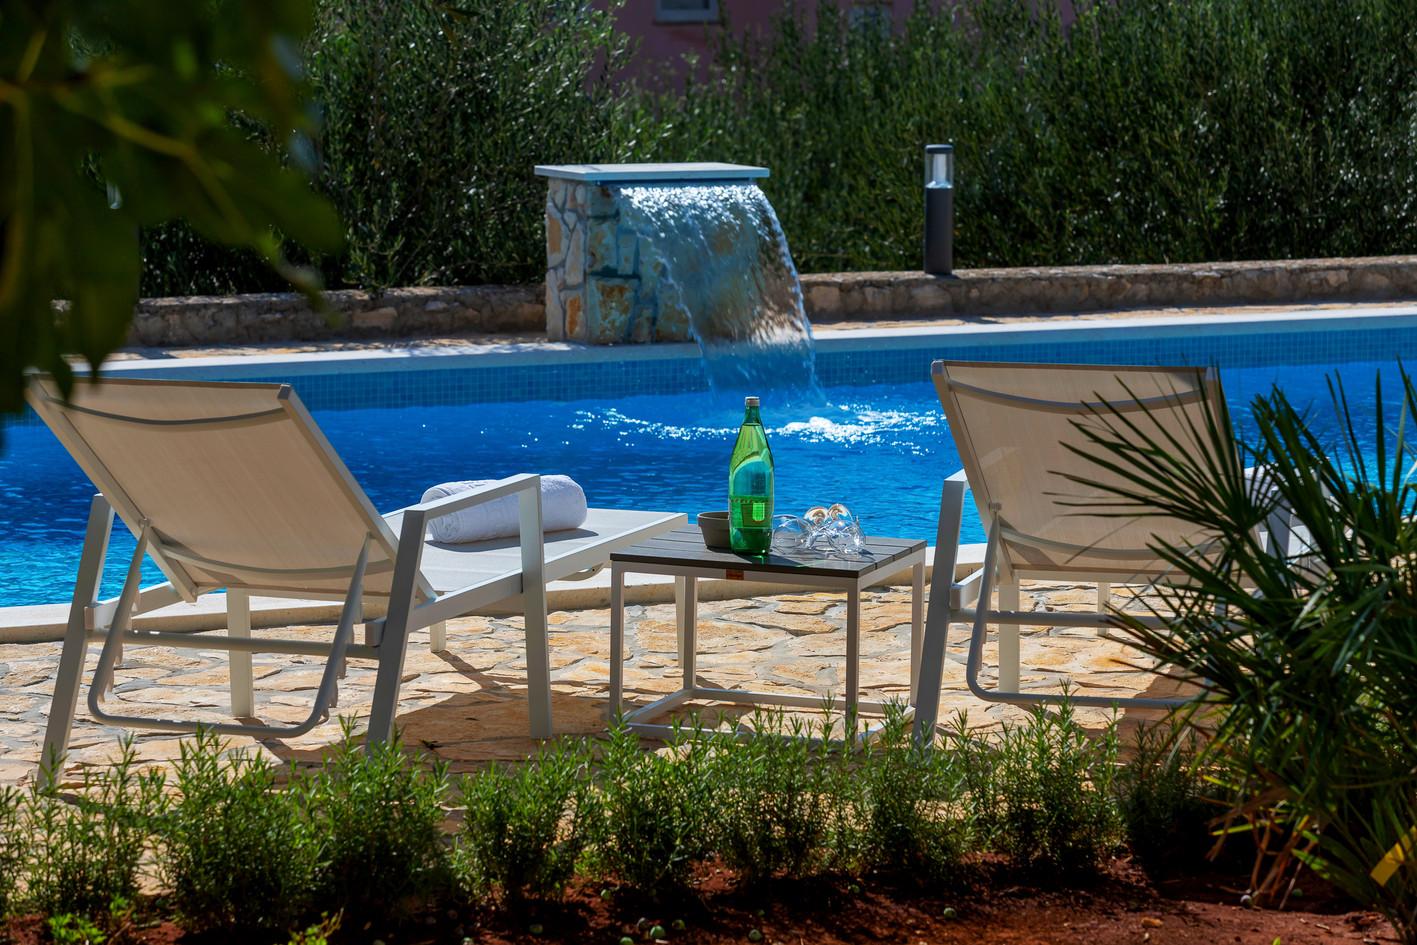 Beistelltisch am Pool